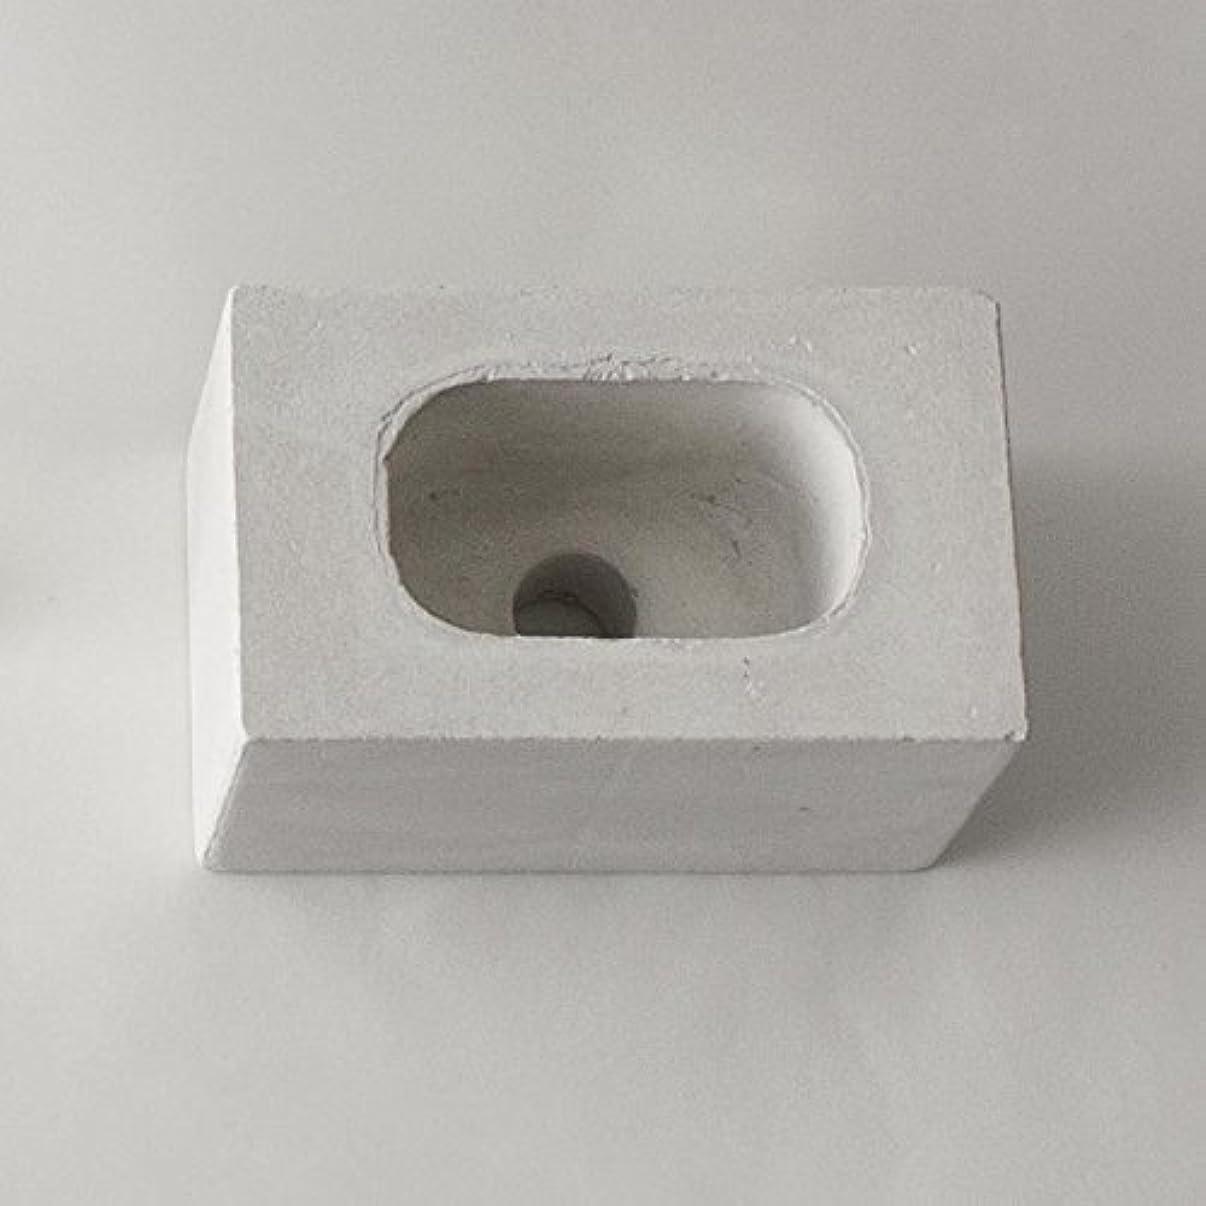 試してみる論理的ライナーar003wh/パーツ販売?b2c ブリック用 コンクリートパーツ(スクエア)《ホワイト》| 芳香剤 ルームフレグランス リードディフューザー アロマ ディフューザー